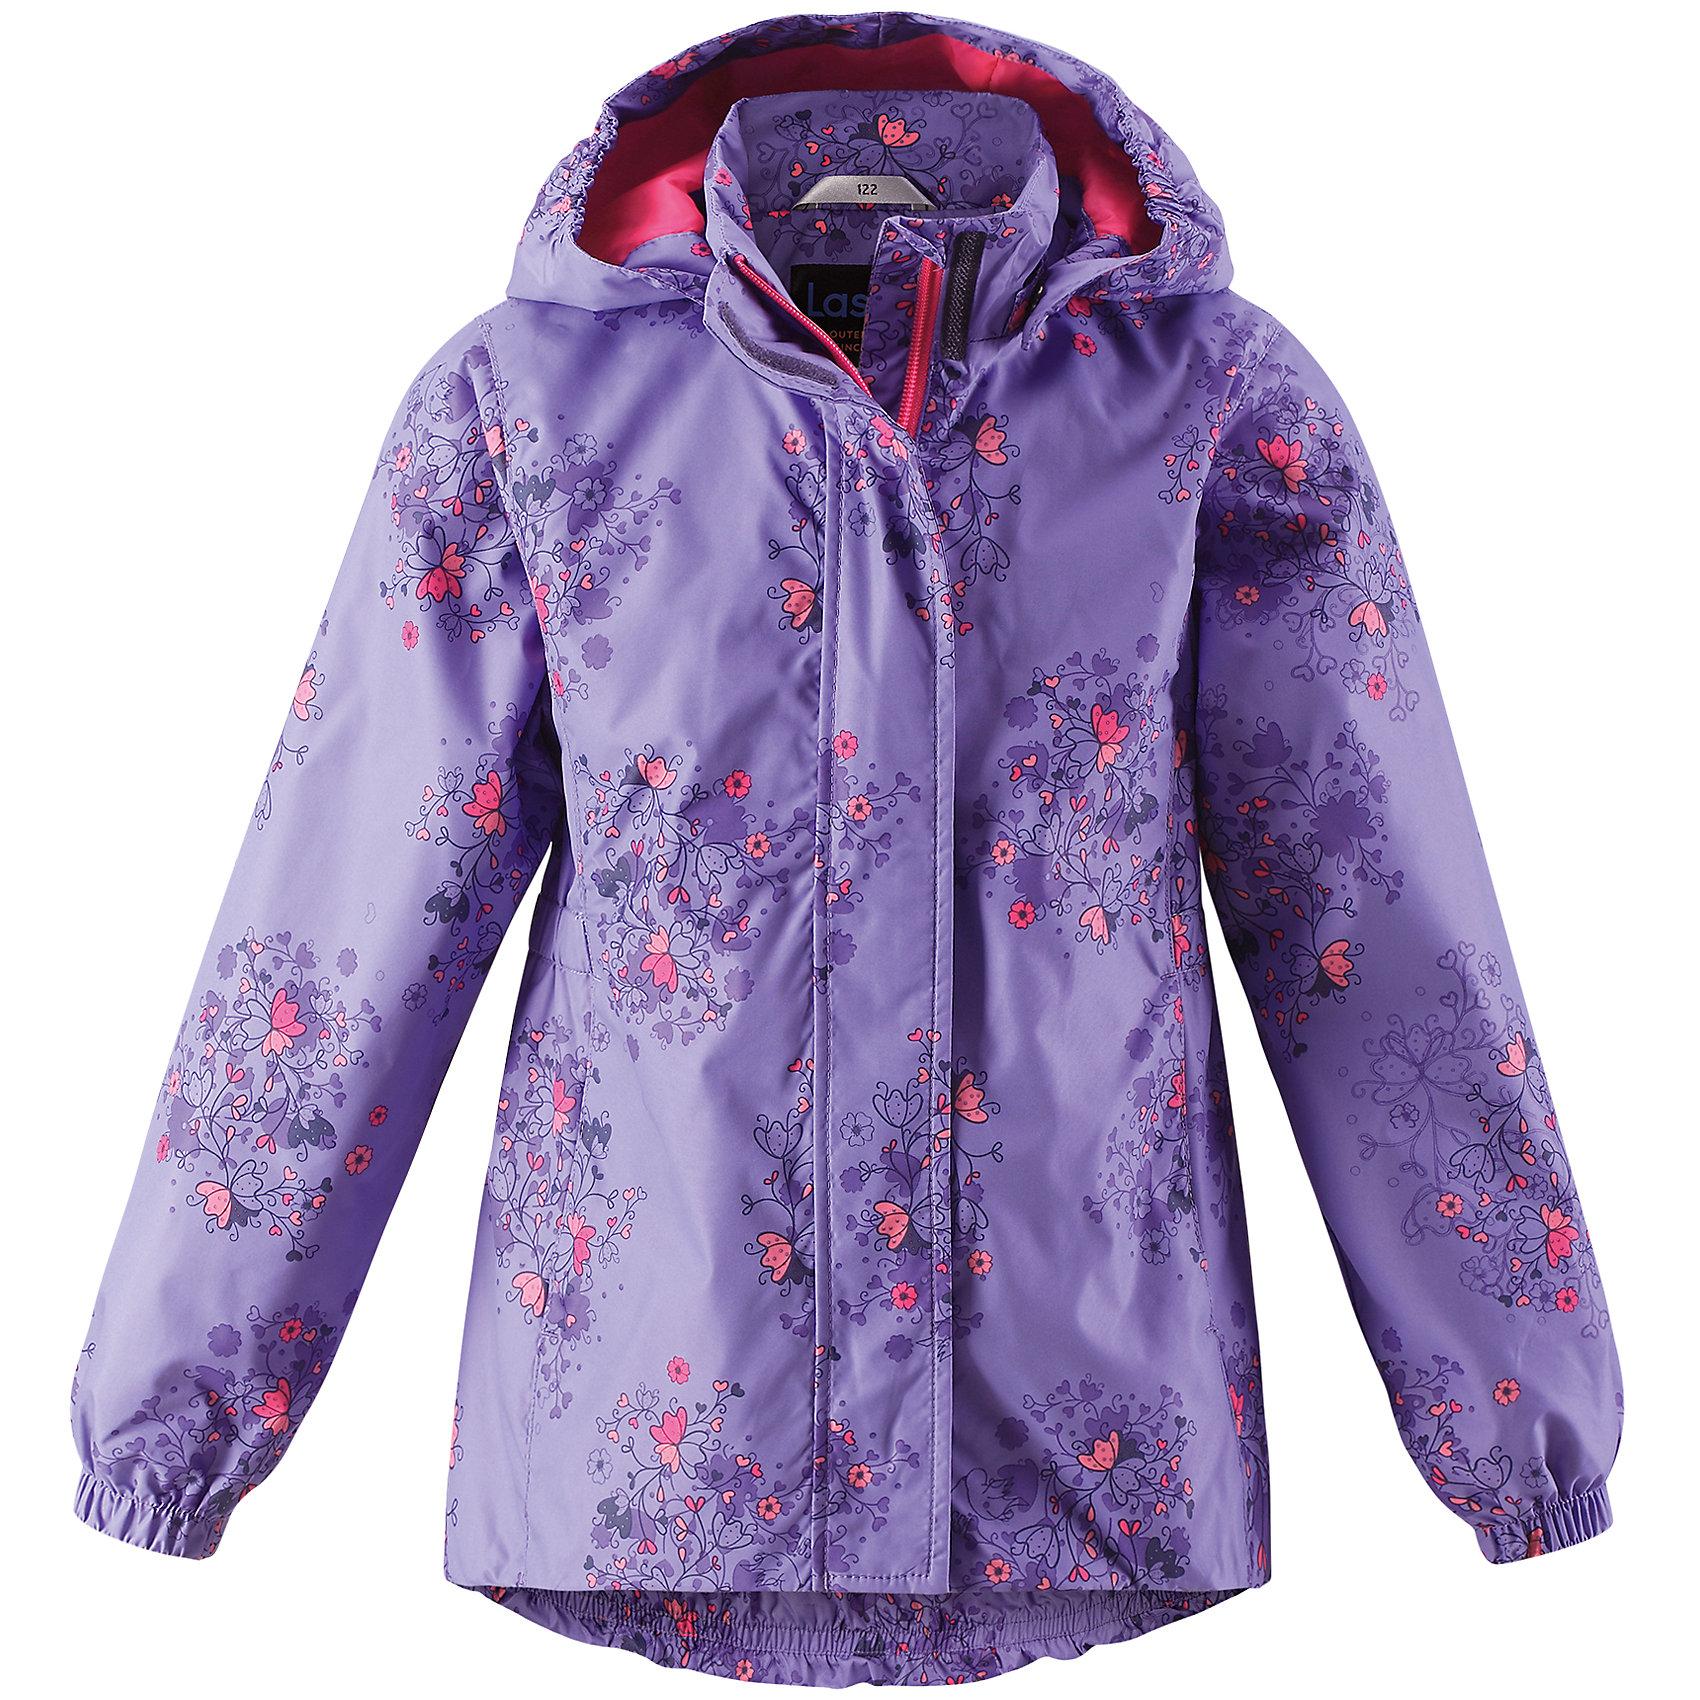 Куртка LASSIEОдежда<br>Куртка LASSIE<br>Состав:<br>100% Полиэстер, полиуретановое покрытие<br> Куртка для детей<br> Водоотталкивающий, ветронепроницаемый и «дышащий» материал<br> Крой для девочек<br> Подкладка из mesh-сетки<br> Безопасный, съемный капюшон<br> Эластичные манжеты<br> Эластичная талия<br> Эластичная кромка подола<br> Карманы в боковых швах<br><br>Ширина мм: 356<br>Глубина мм: 10<br>Высота мм: 245<br>Вес г: 519<br>Цвет: лиловый<br>Возраст от месяцев: 132<br>Возраст до месяцев: 144<br>Пол: Женский<br>Возраст: Детский<br>Размер: 134,110,128,140,92,98,104,116,122<br>SKU: 5264535